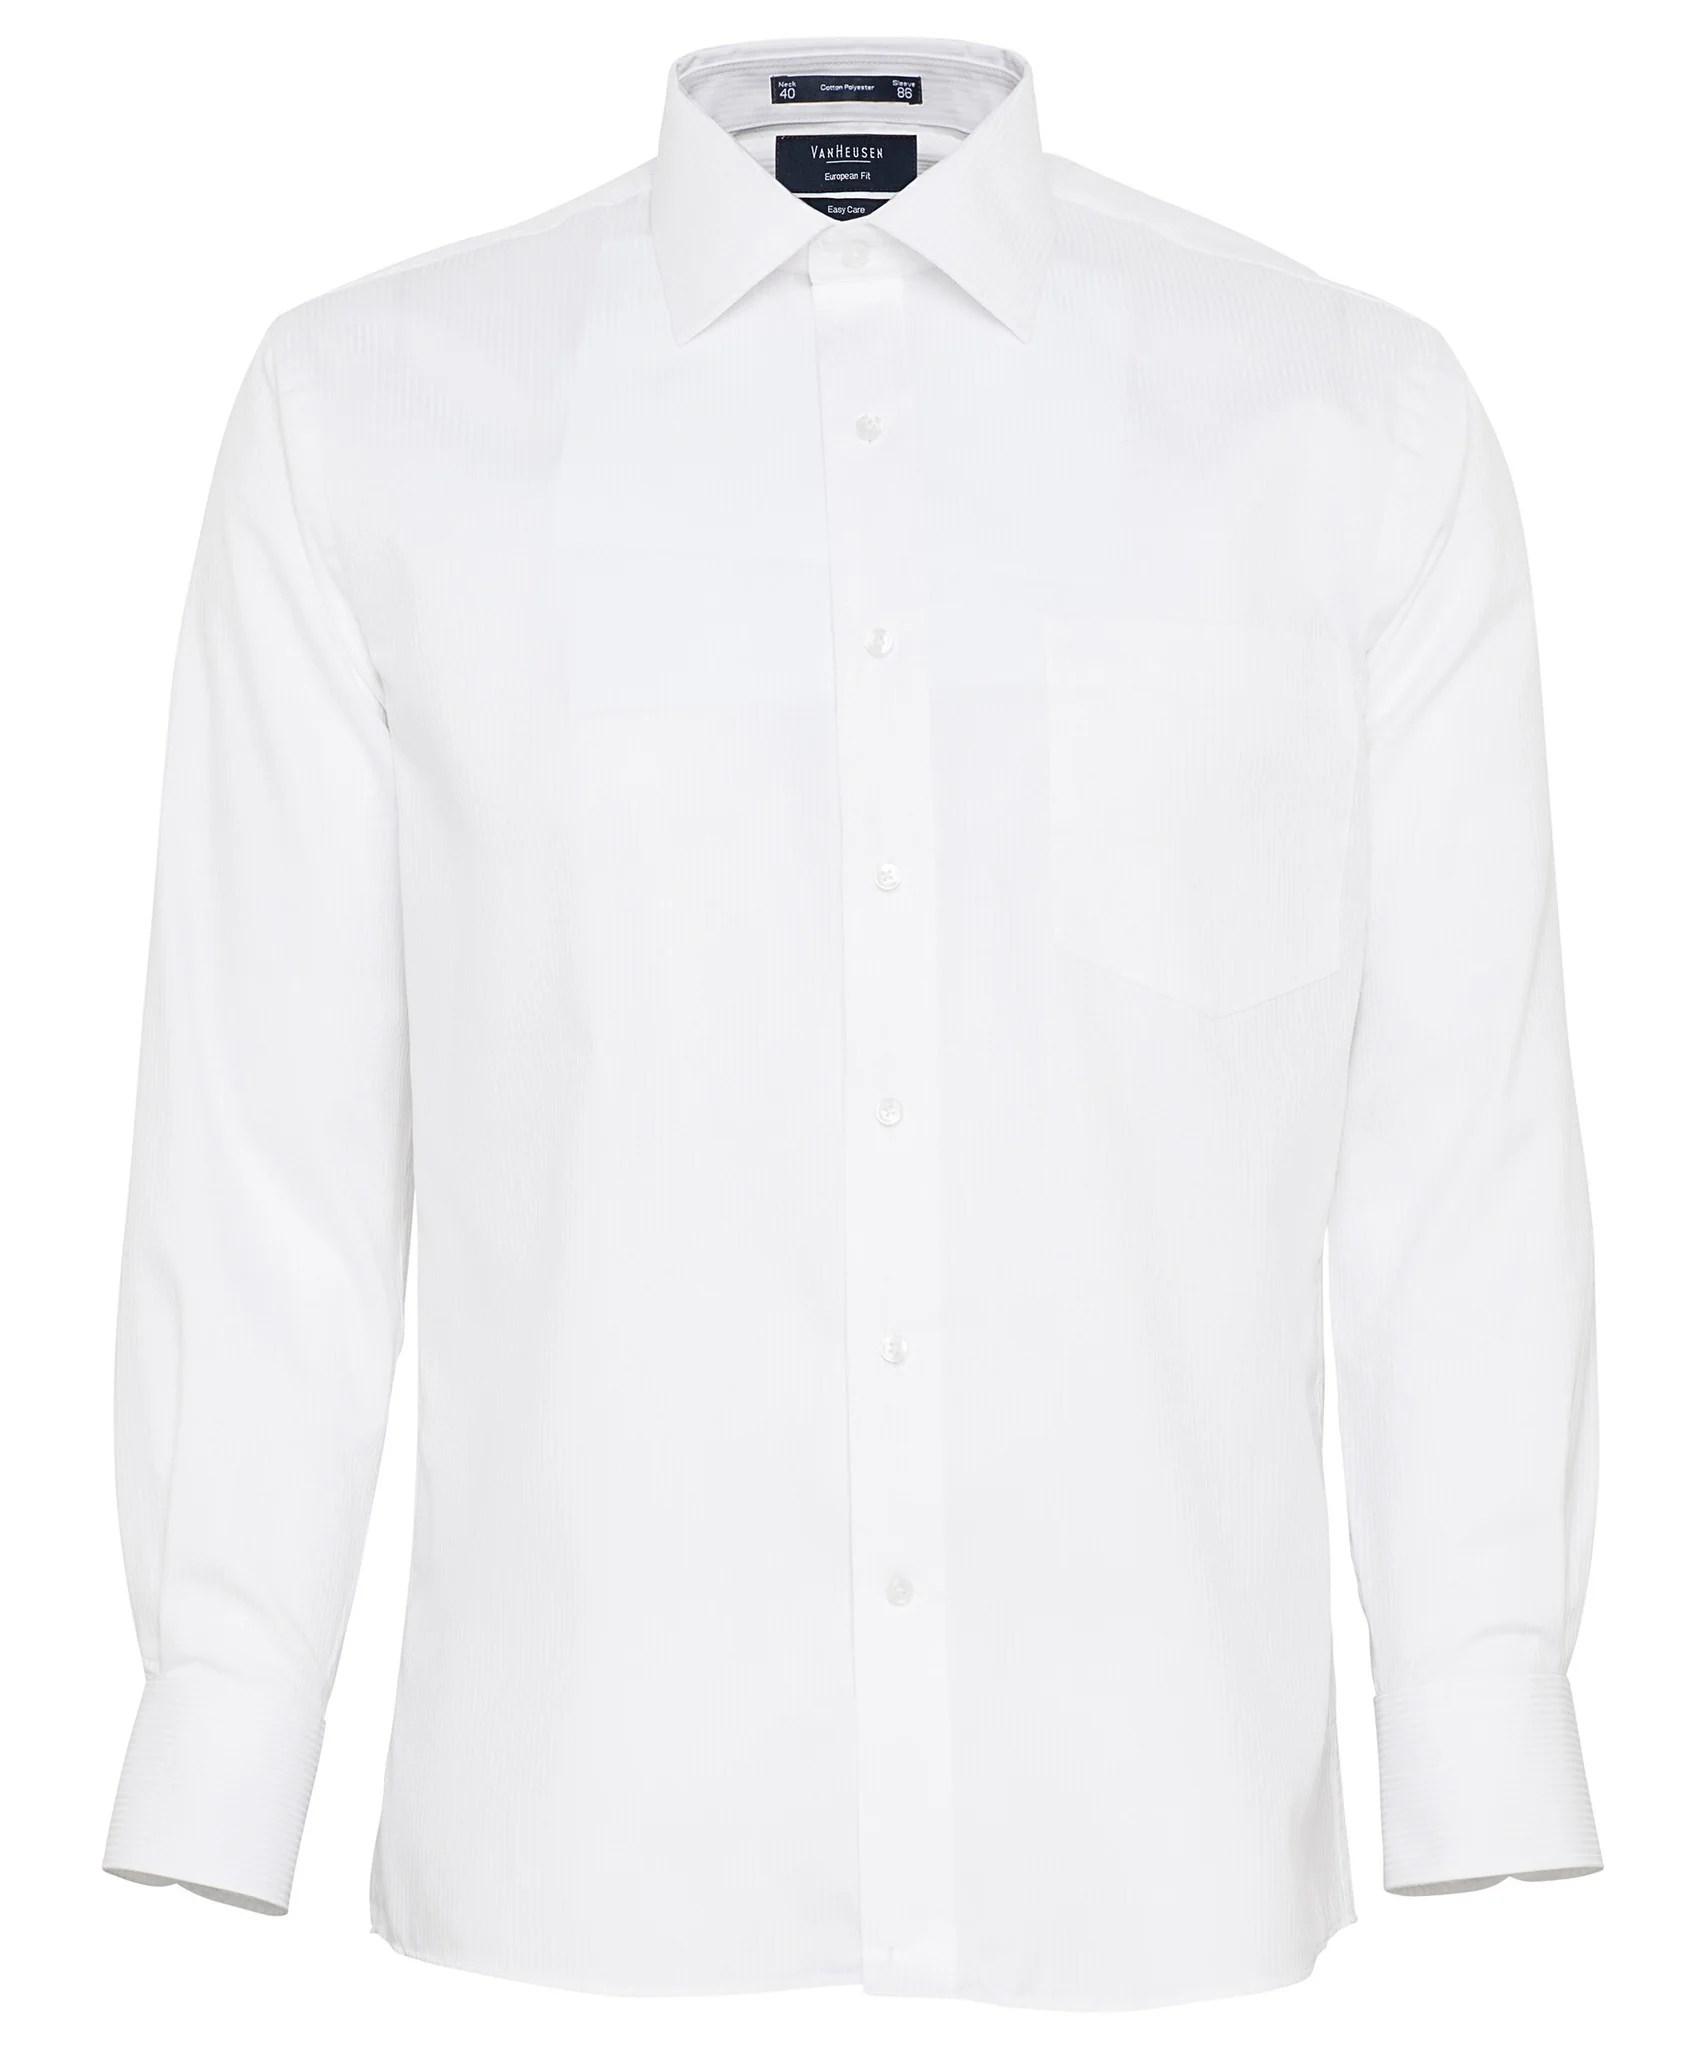 Van heusen shirt size chart australia also summer cook rh summercooktri